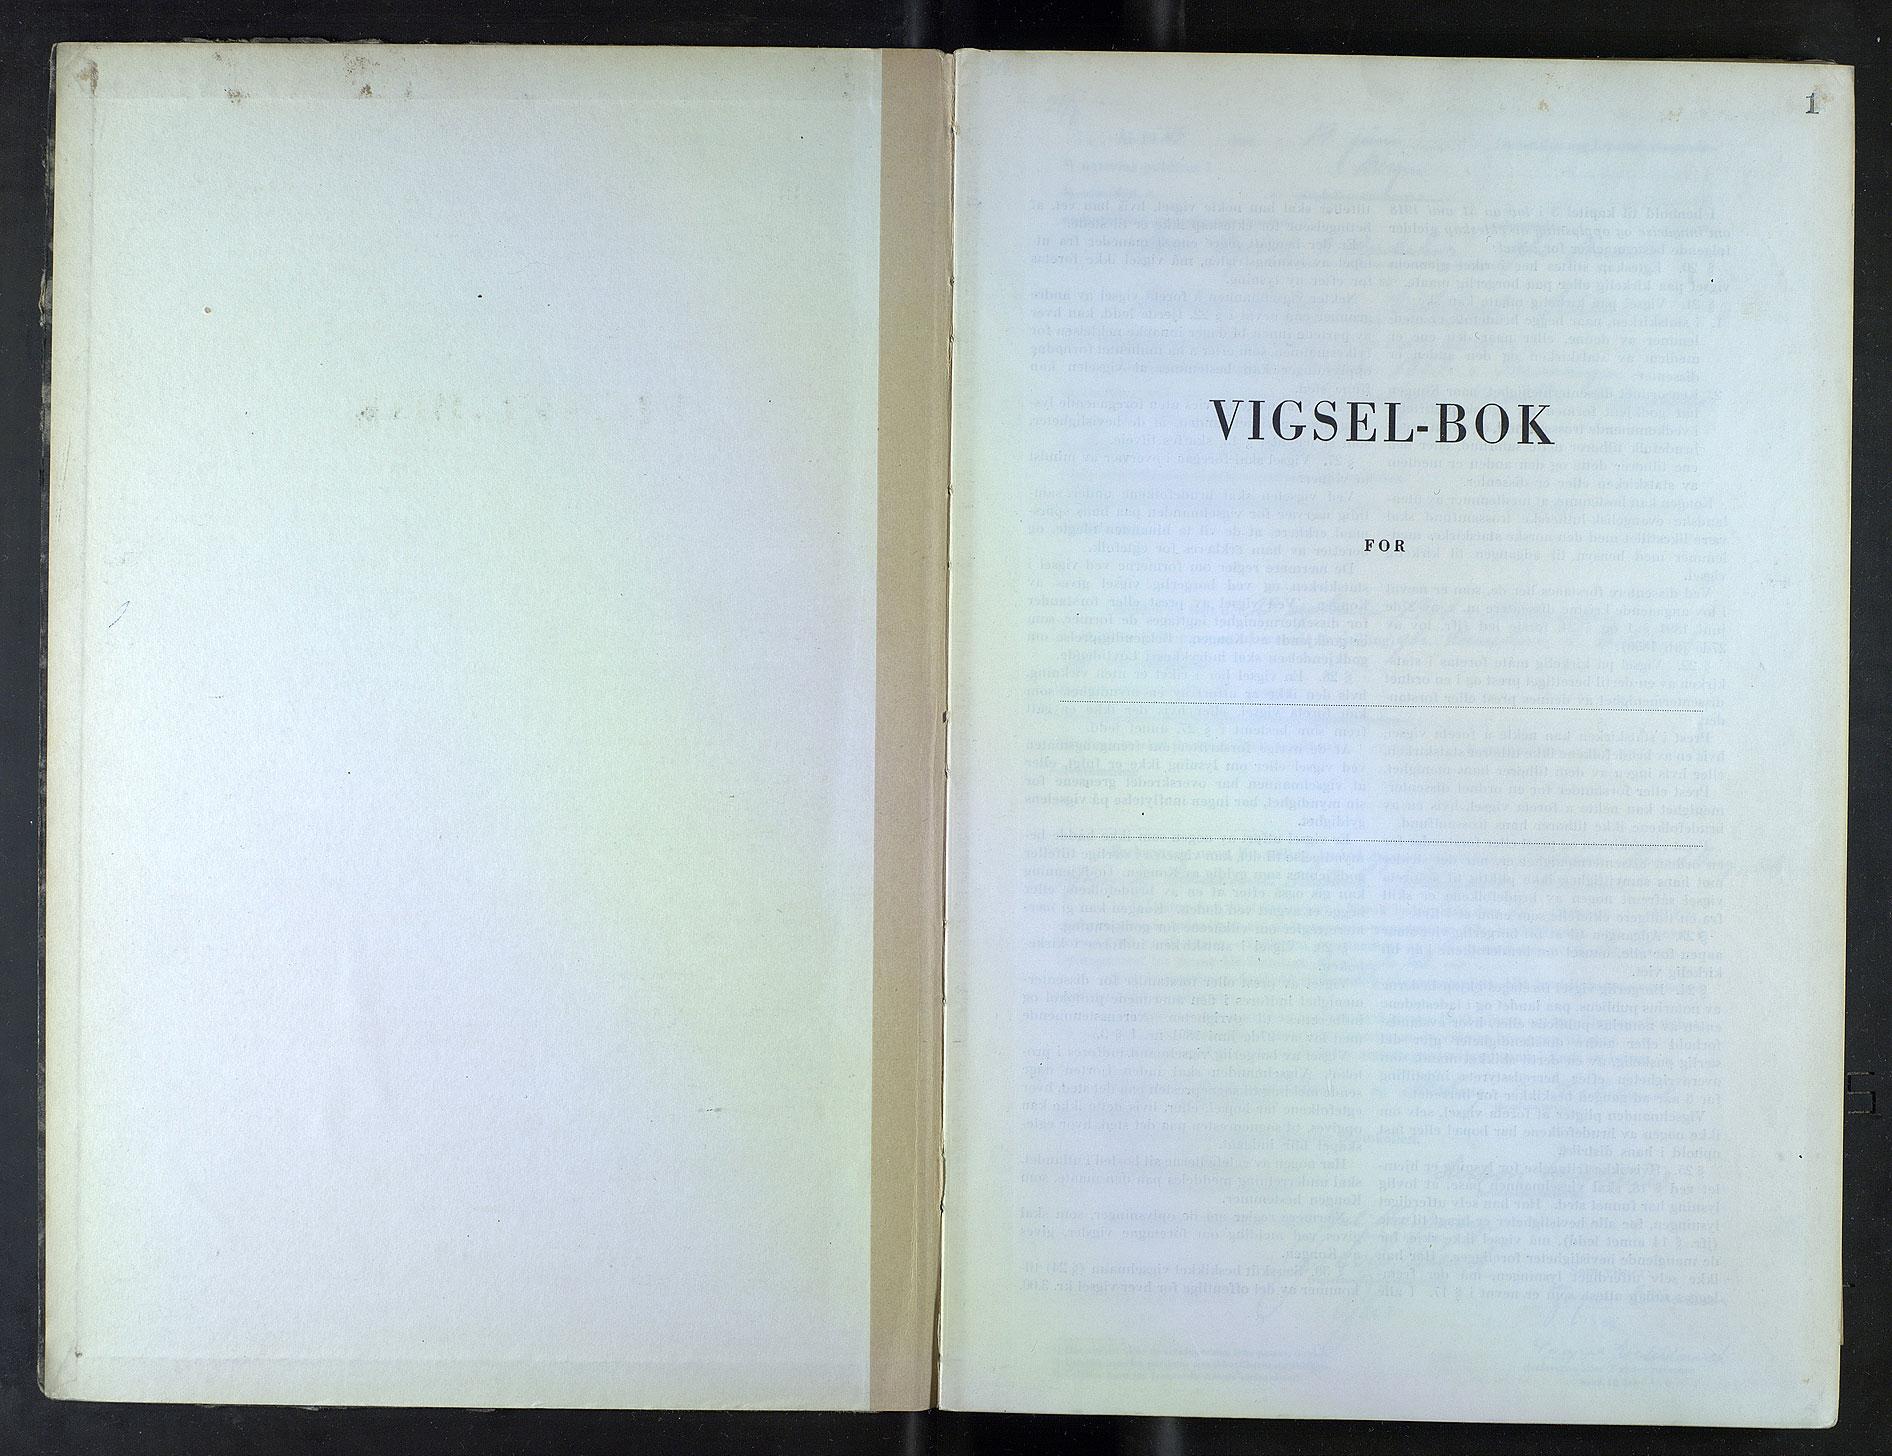 SAB, Byfogd og Byskriver i Bergen, 10/10F/L0036: Vielsesprotokoller, 1945, s. 1